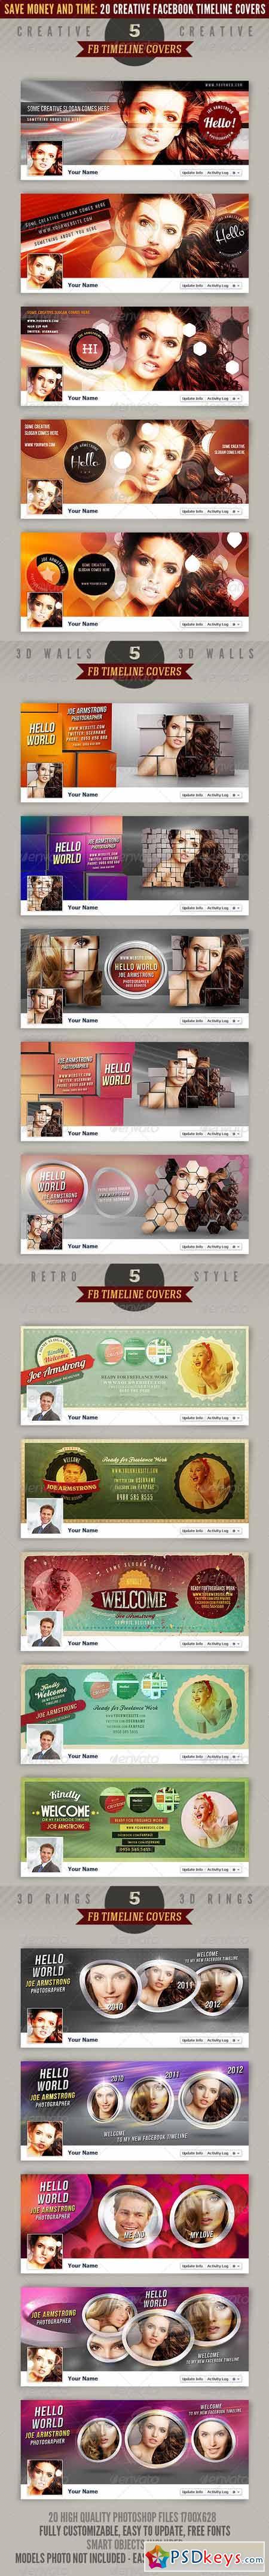 20 Facebook Timeline Covers Bundle 2497461